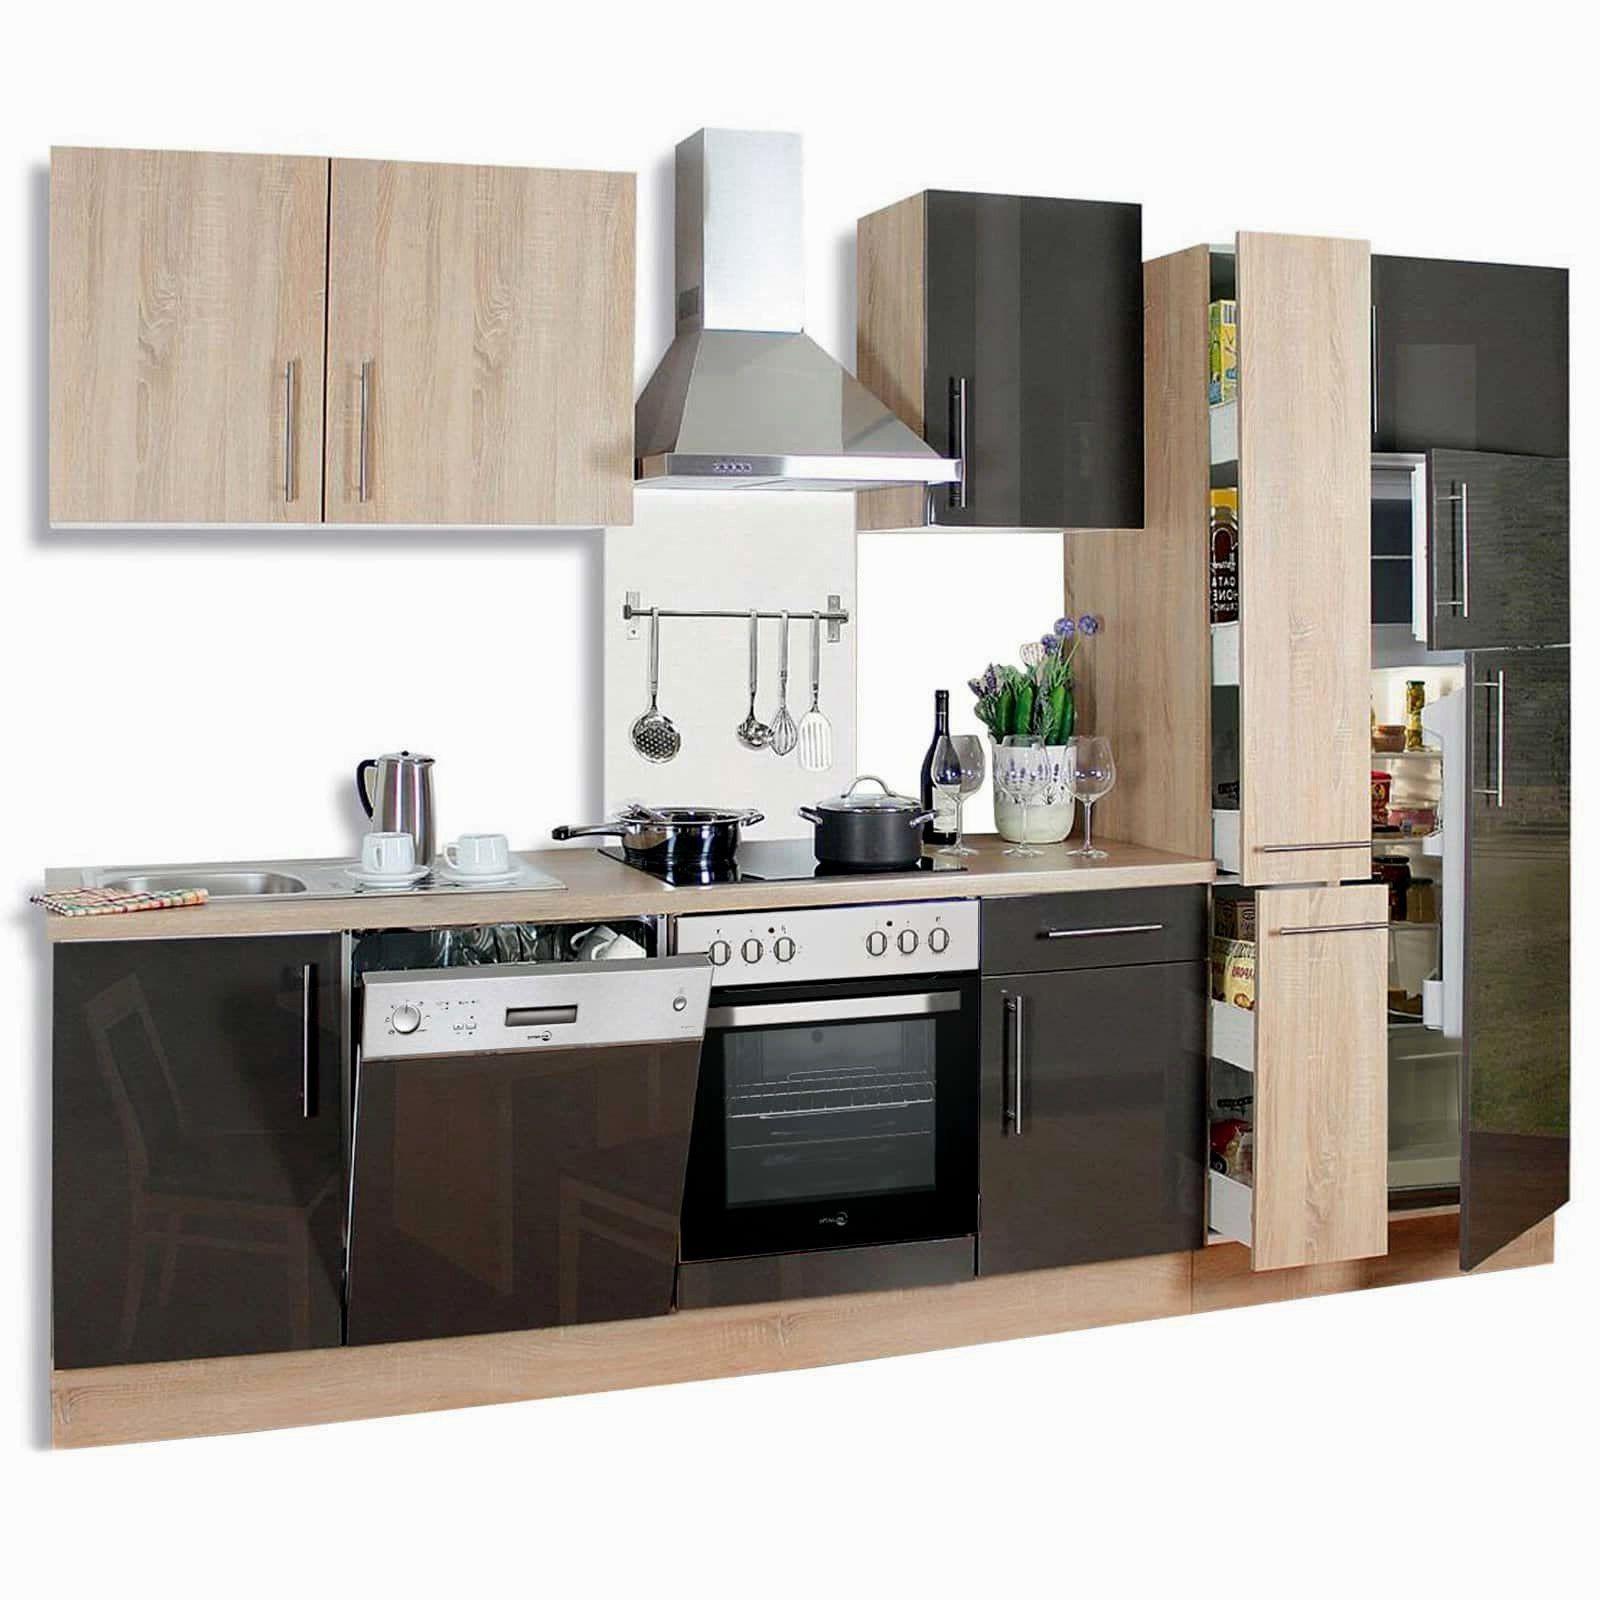 Full Size of Nobilia Kchen Bewertung Elegant Schn Roller Regale Küchen Regal Wohnzimmer Roller Küchen